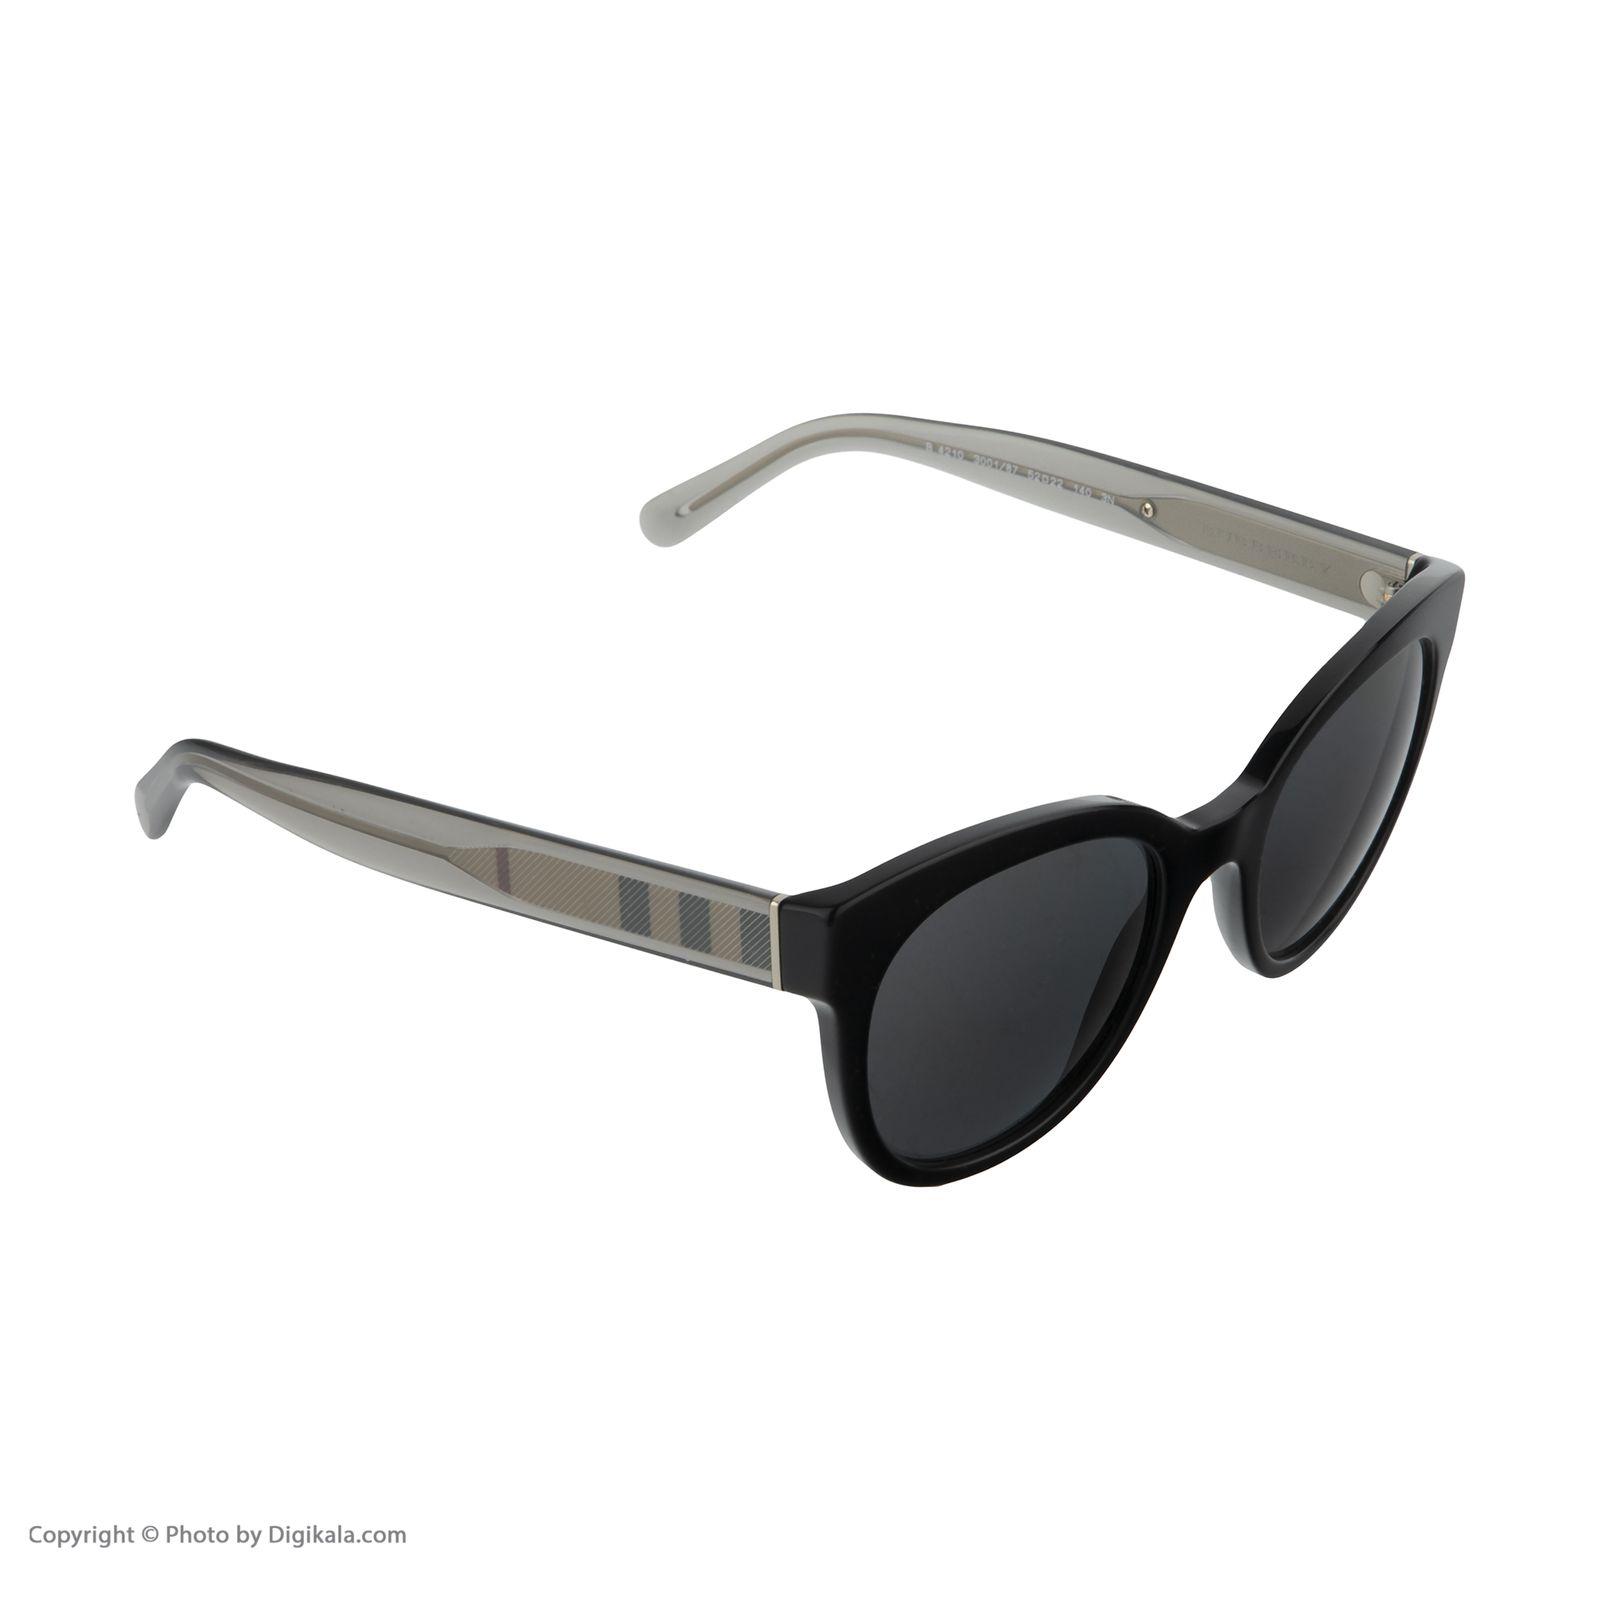 عینک آفتابی مردانه بربری مدل BE 4210S 300187 52 -  - 6